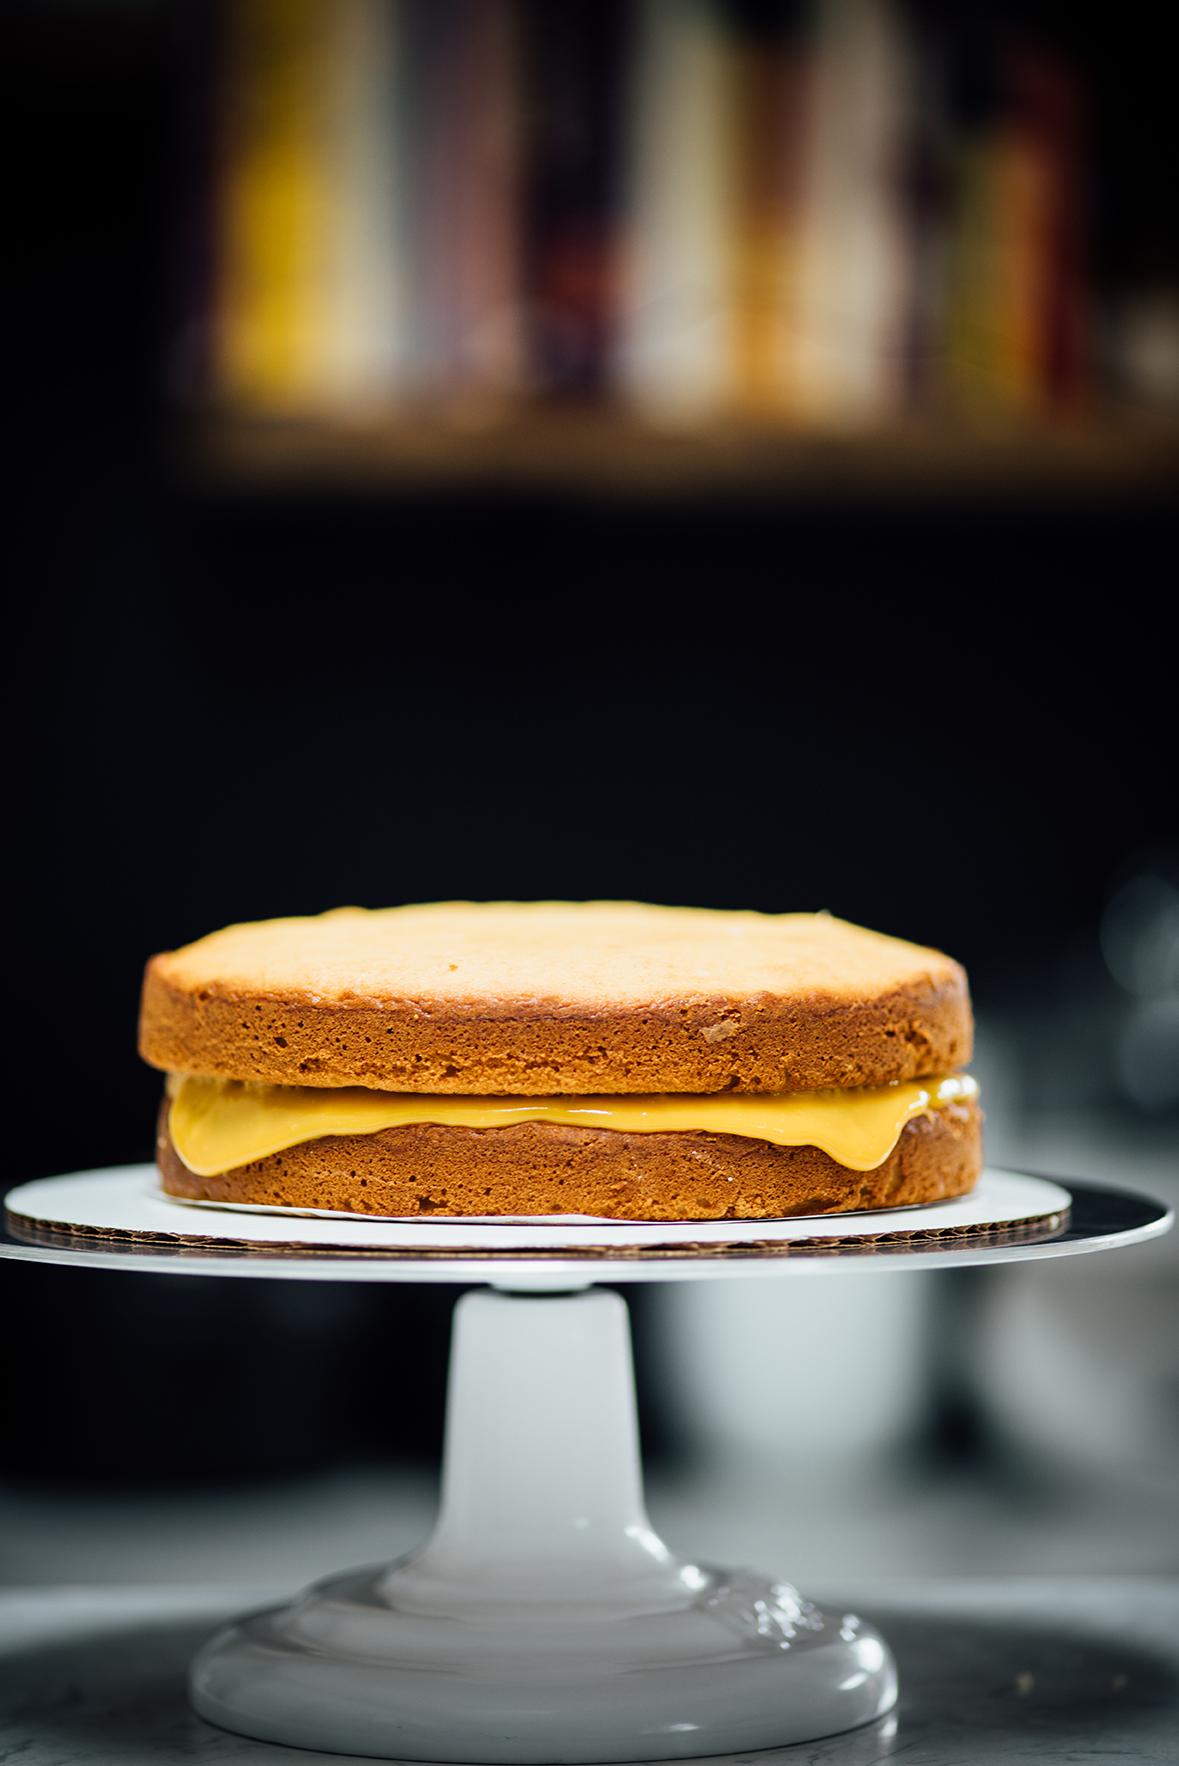 summer mango celebration cake| Nik Sharma for @SFChronicle